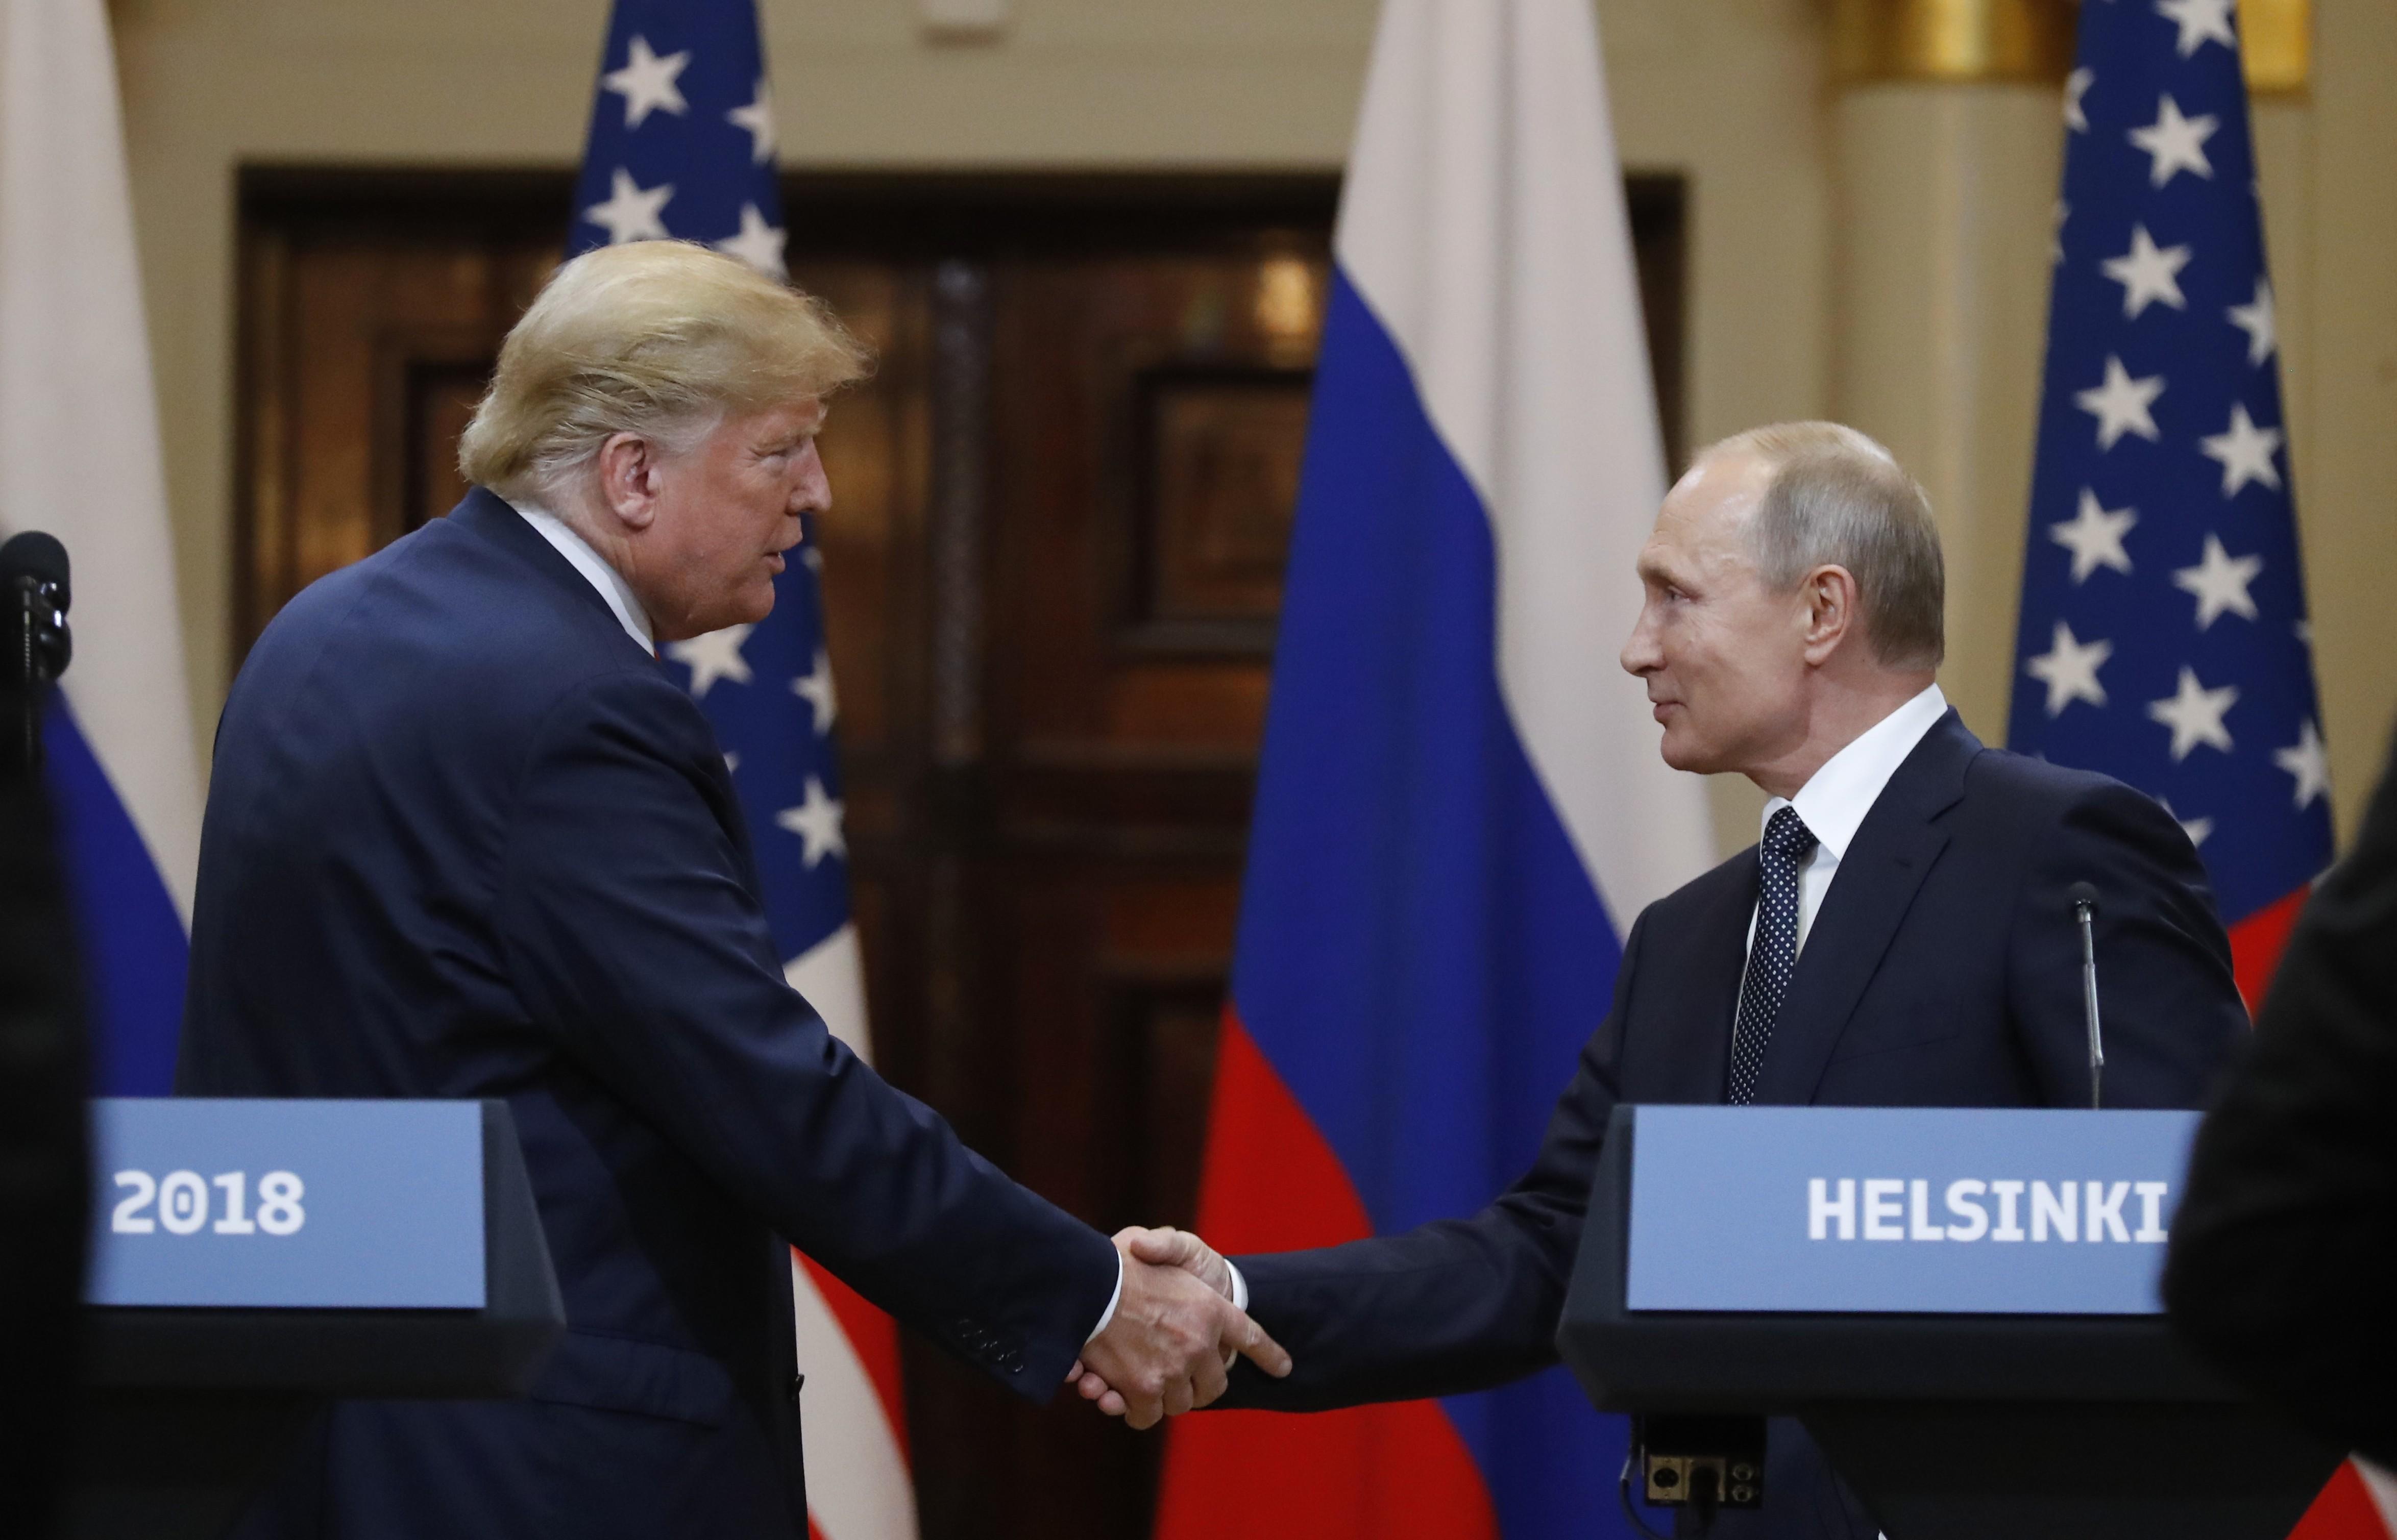 <p>Дональд Трамп и Владимир Путин. Фото: &copy;РИА Новости/Сергей Гунеев</p>